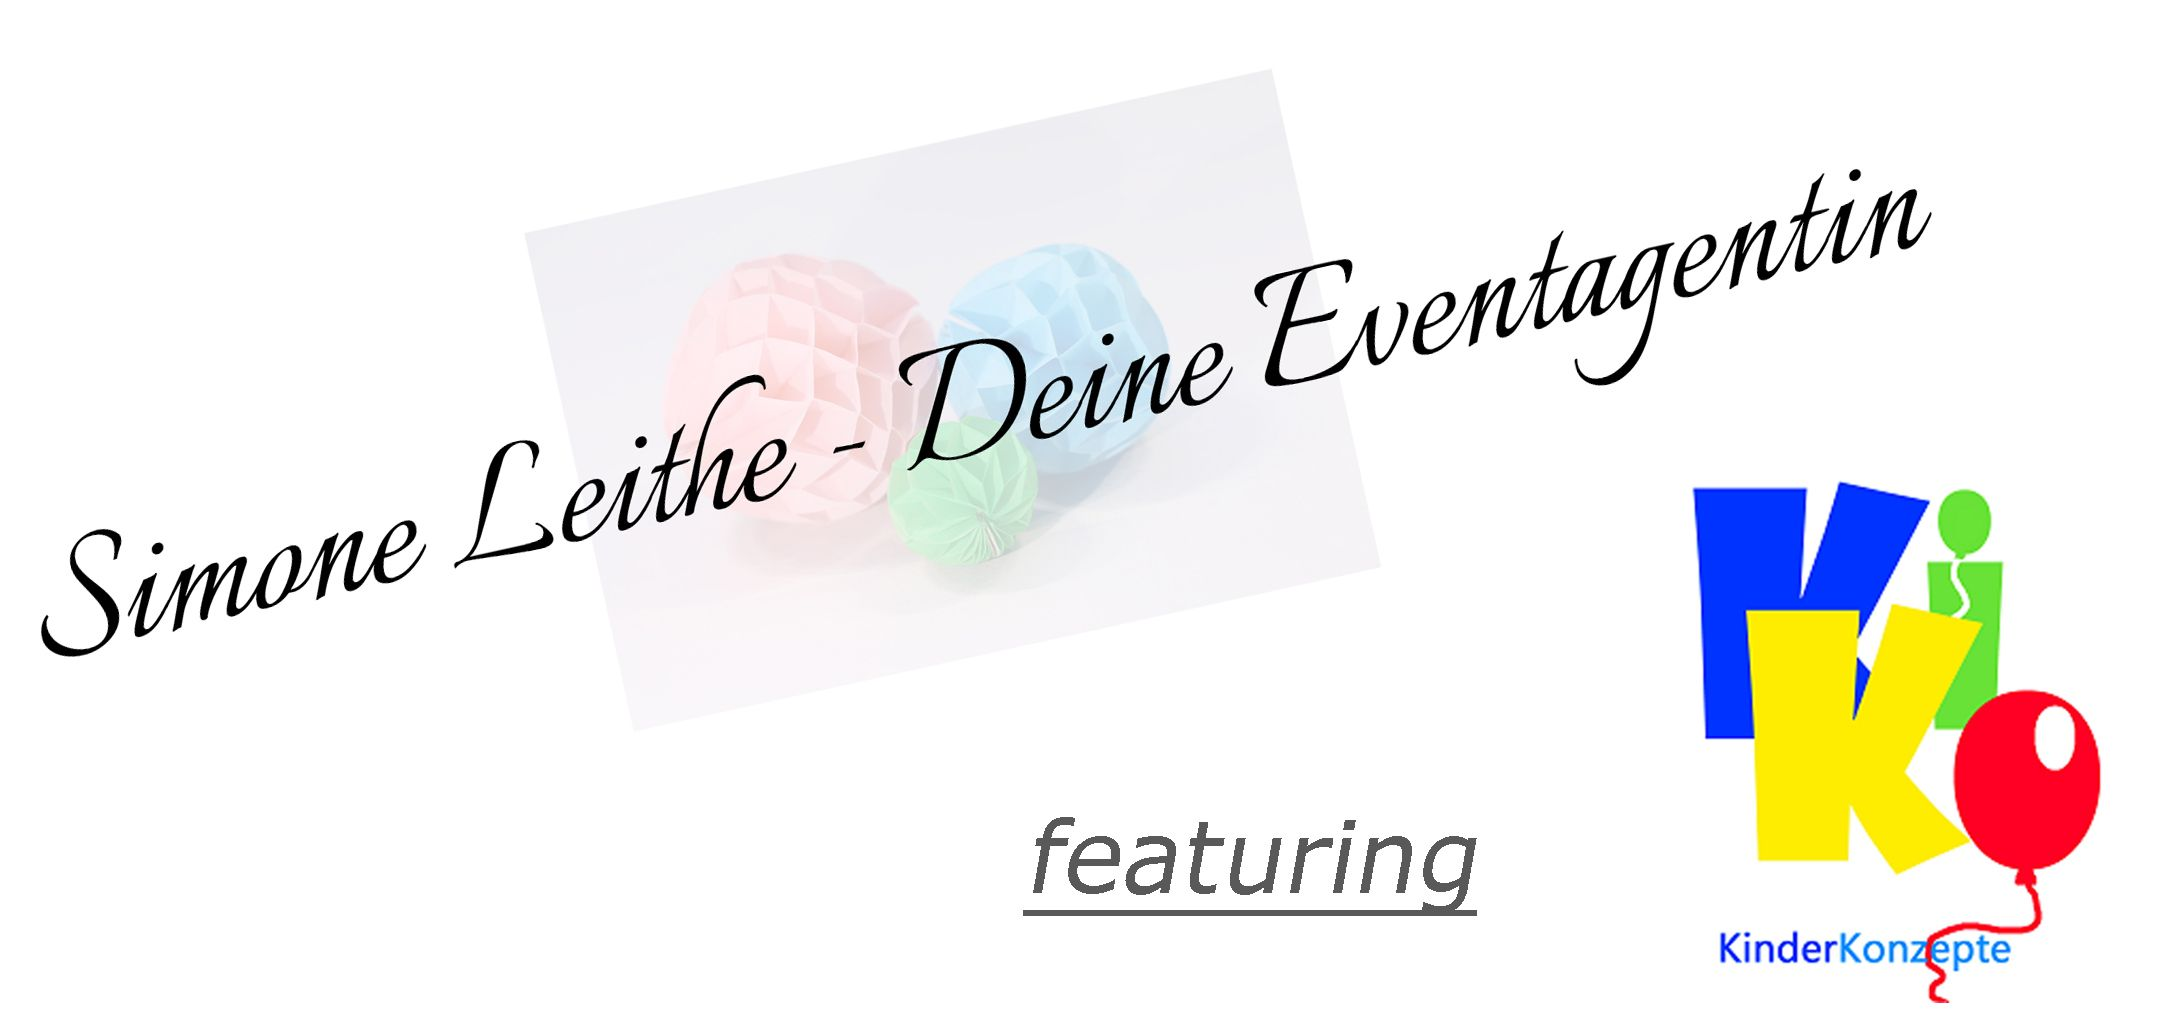 Simone Leithe ist Deine Eventagentin logo